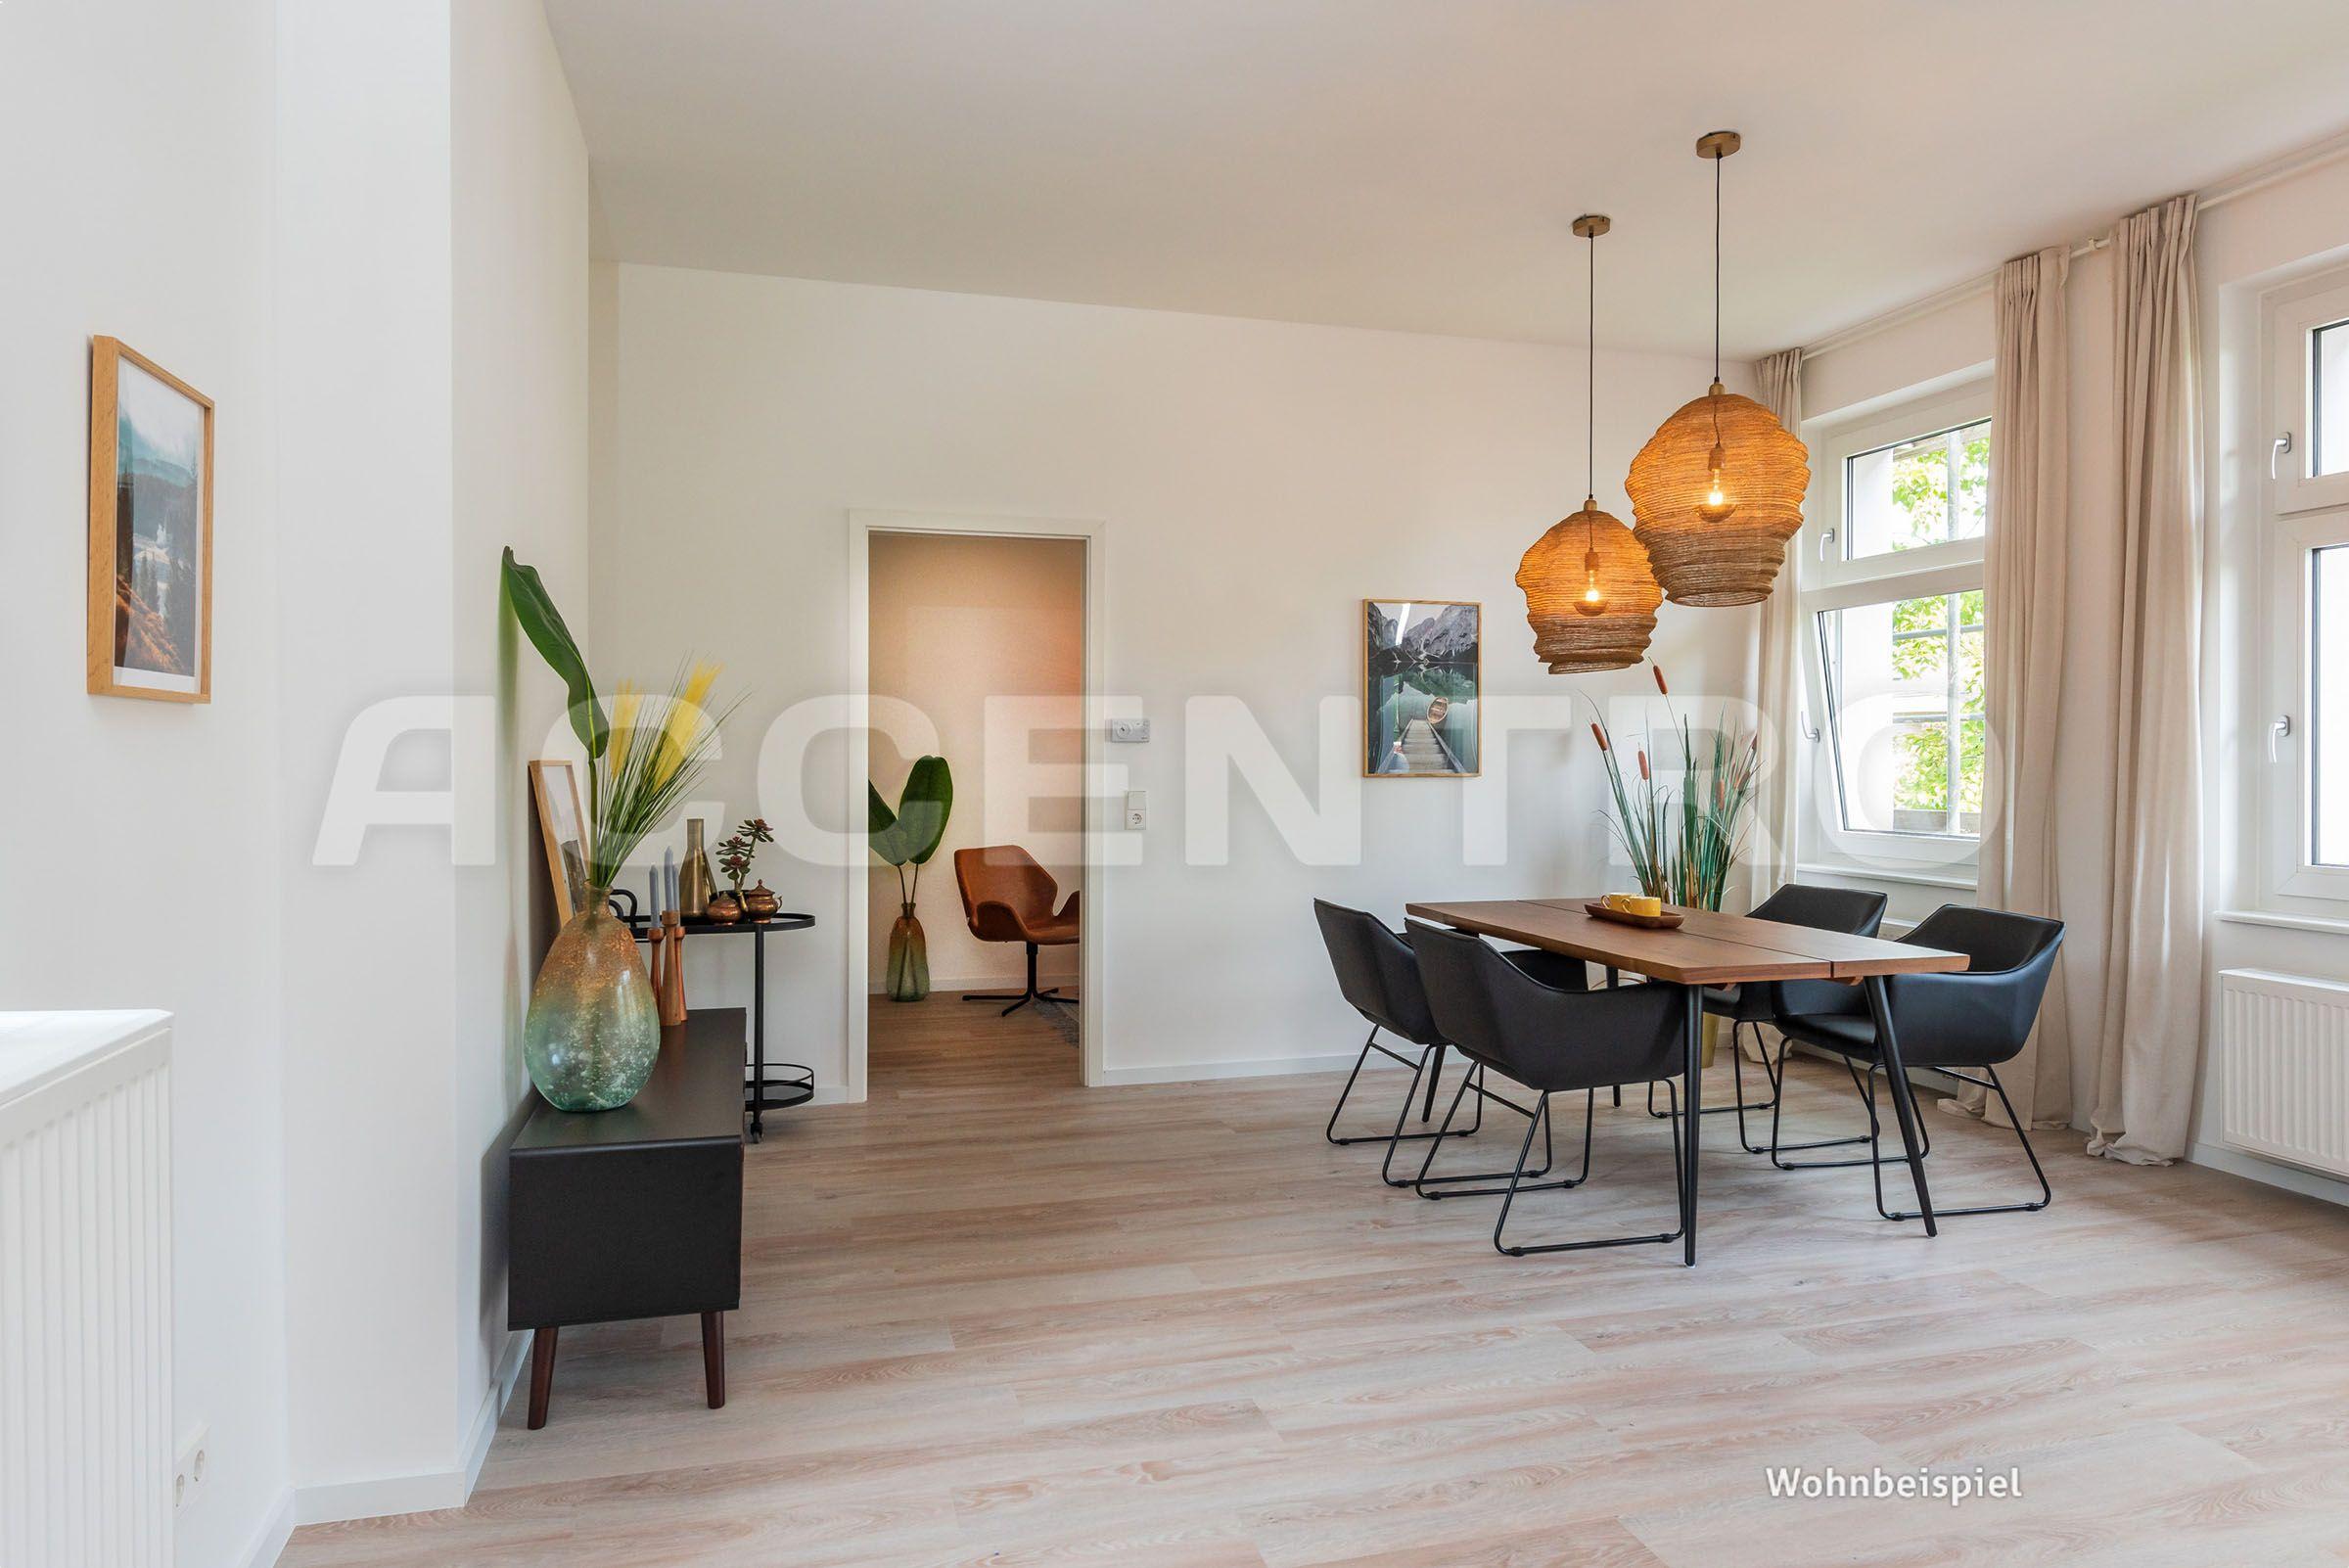 Eigentumswohnung Kaufen Berlin Reinickendorf In 2020 Eigentumswohnung Kaufen Eigentumswohnung Wolle Kaufen